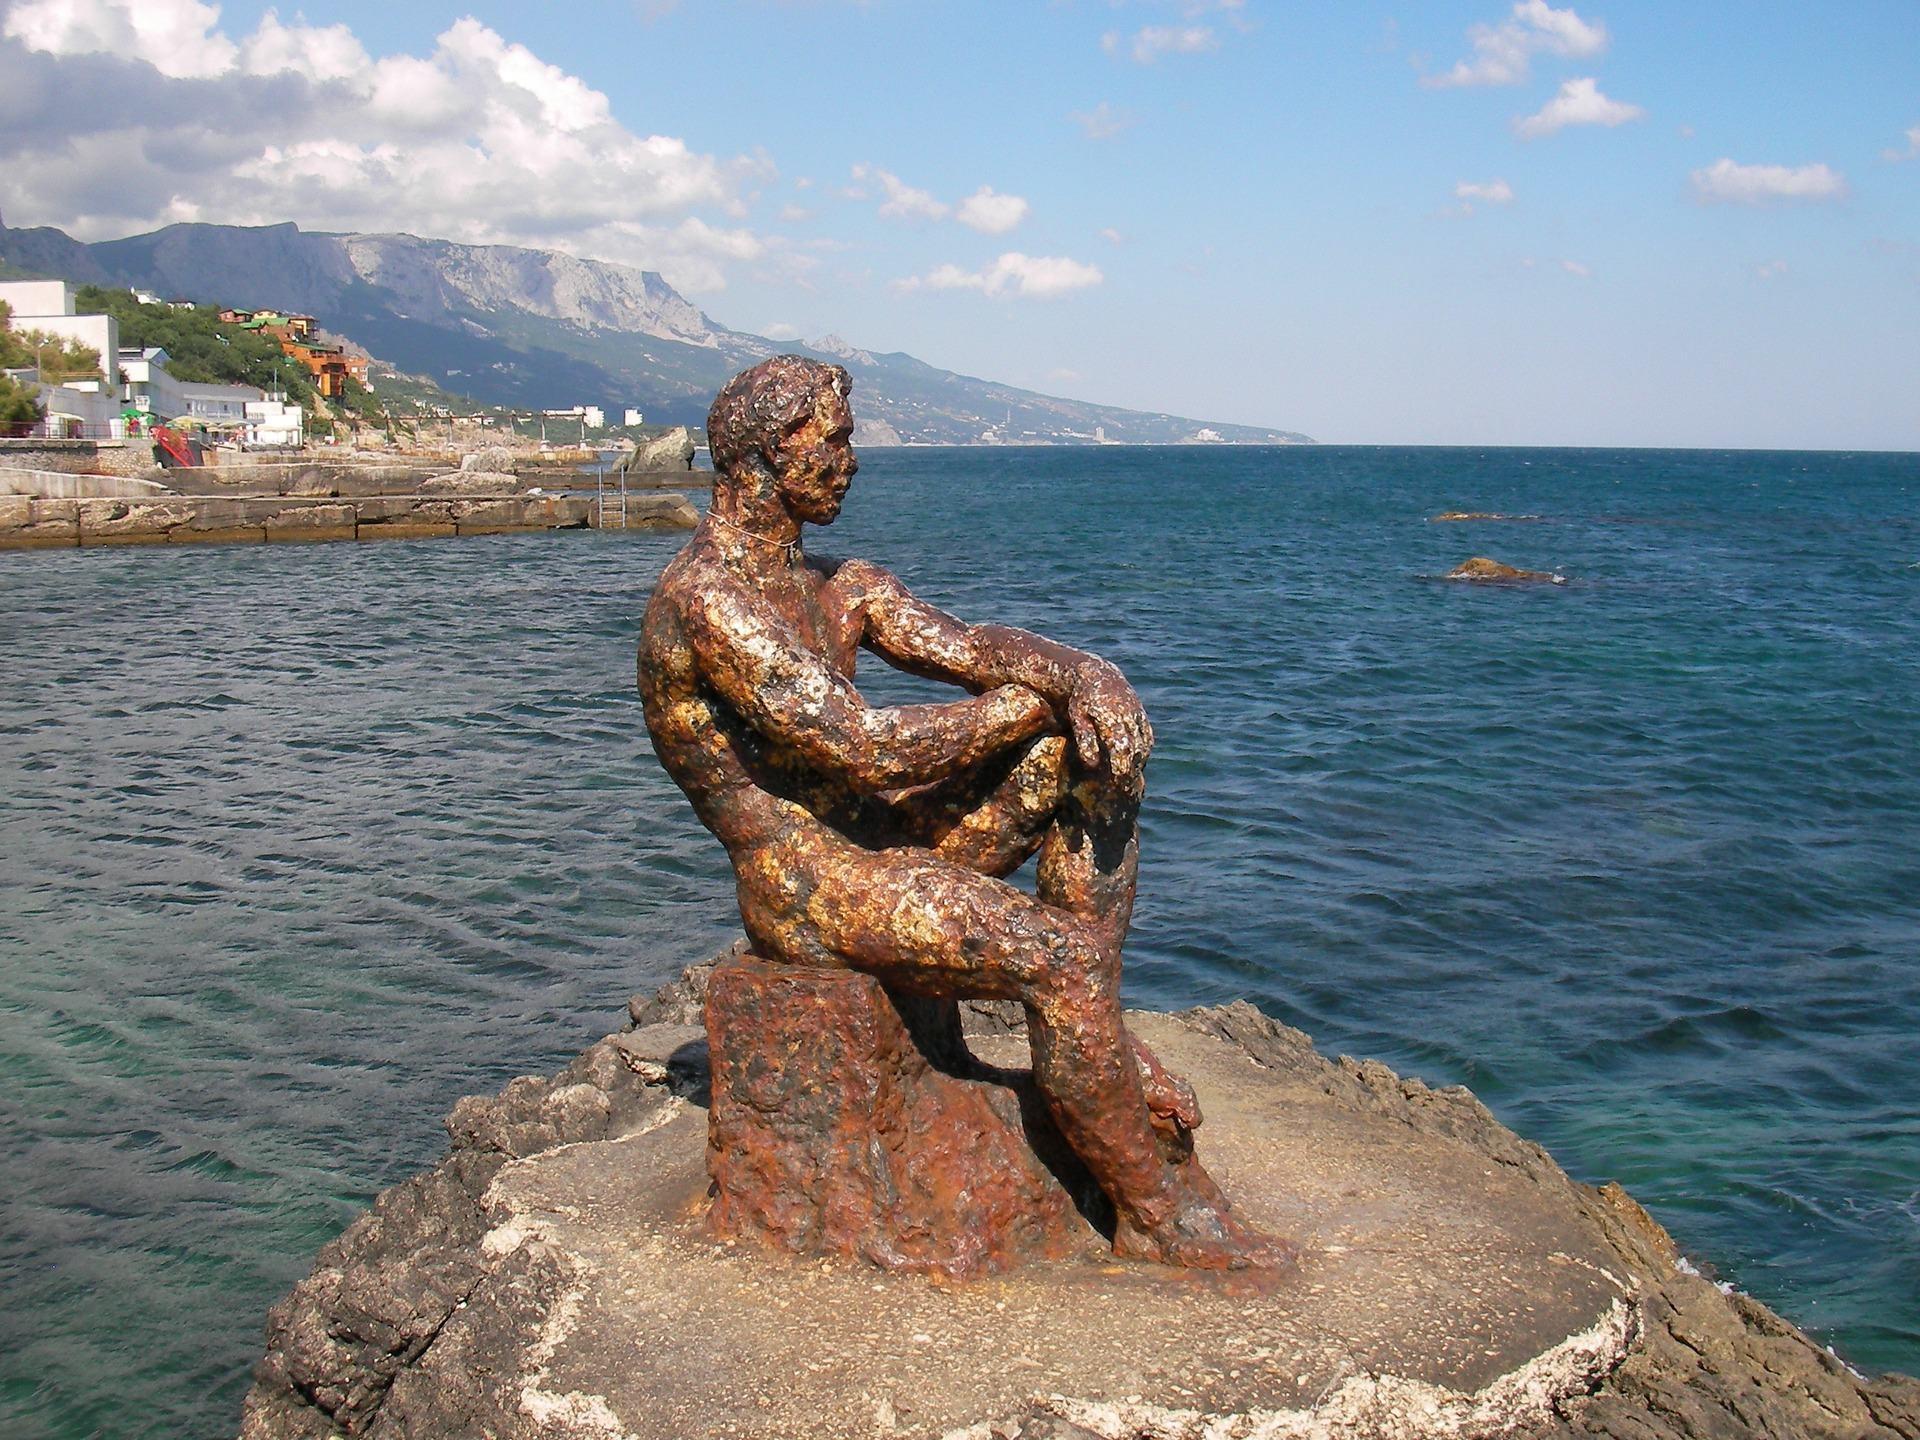 Foros အတွက်ယောက်ျား၏ rusty သတ္တုပန်းပု